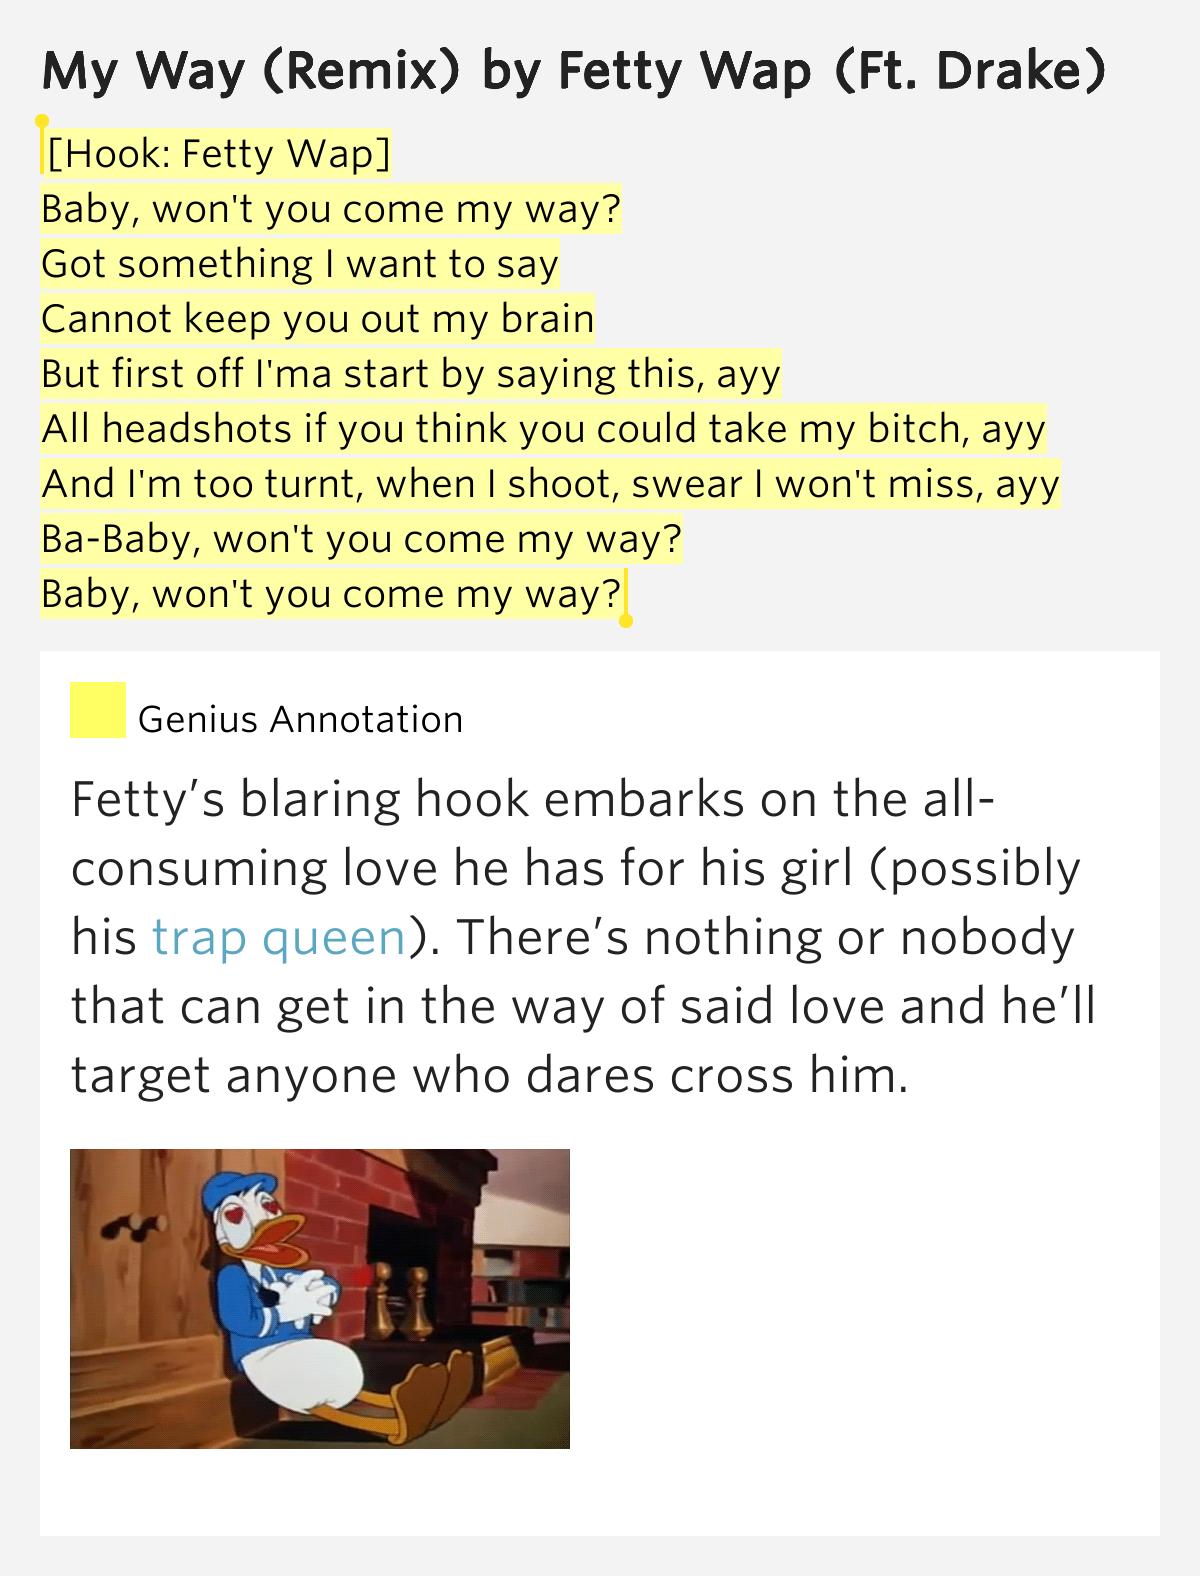 You got something i need lyrics